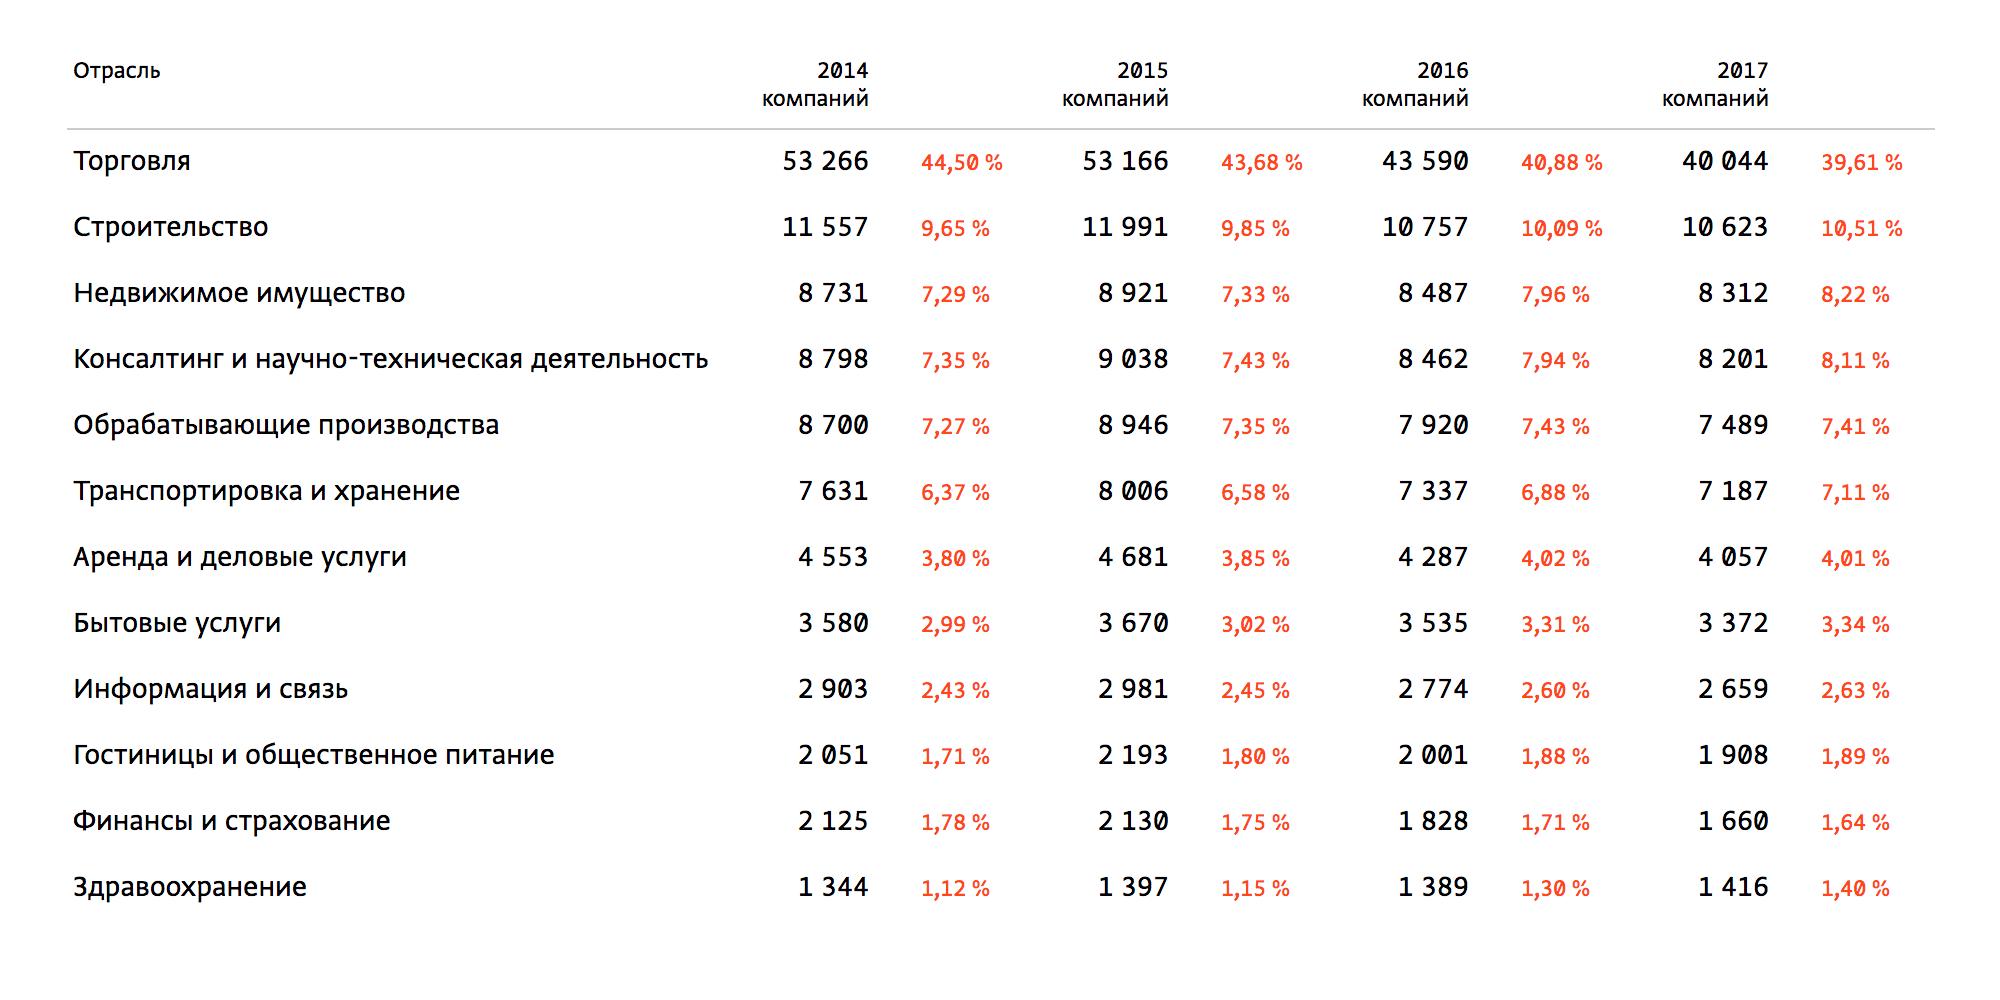 Число зарегистрированных в Новосибирске юридических лиц, по данным Спарк-интерфакс.ру